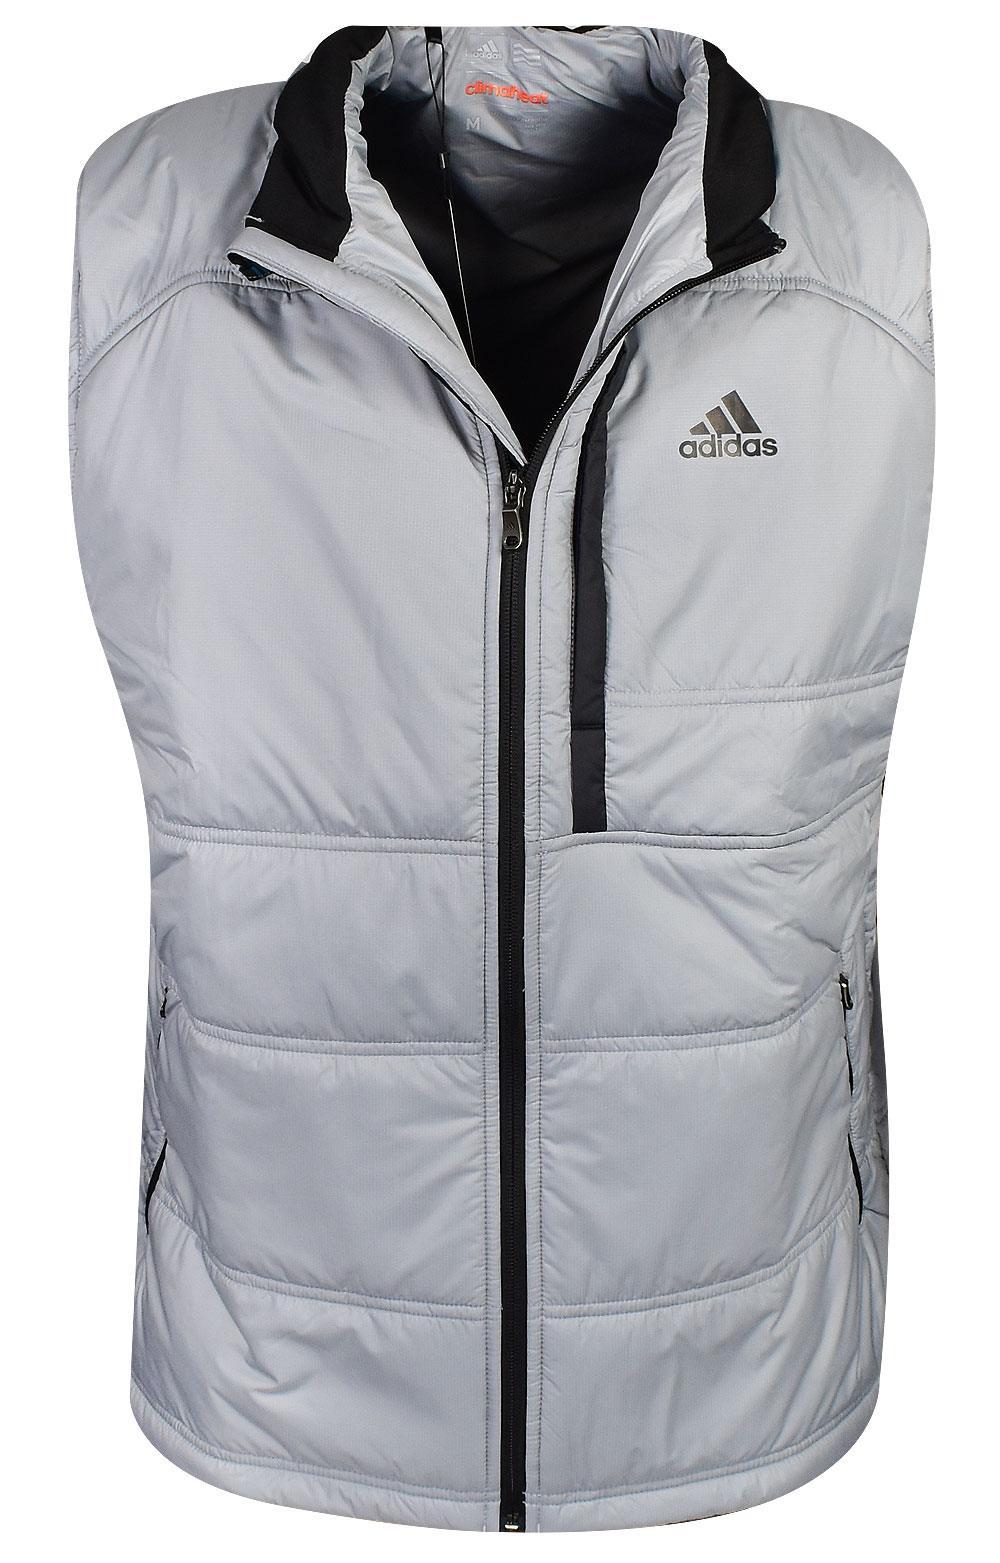 Adidas Climaheat Primaloft Pieno Niente Niente Pieno Giubbotto c91e58